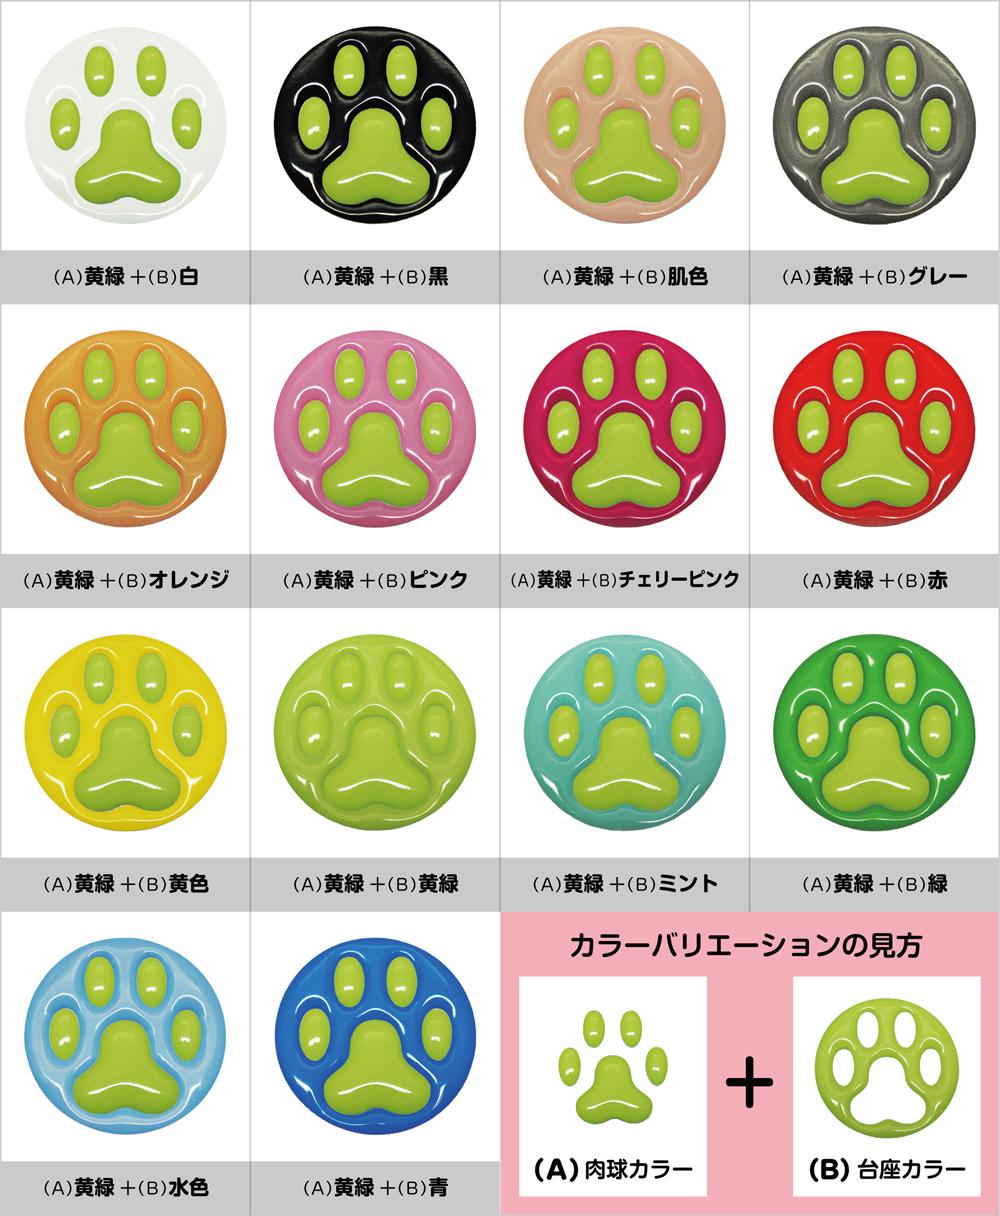 肉球ゴルフマーカー 黄緑色タイプ 14種